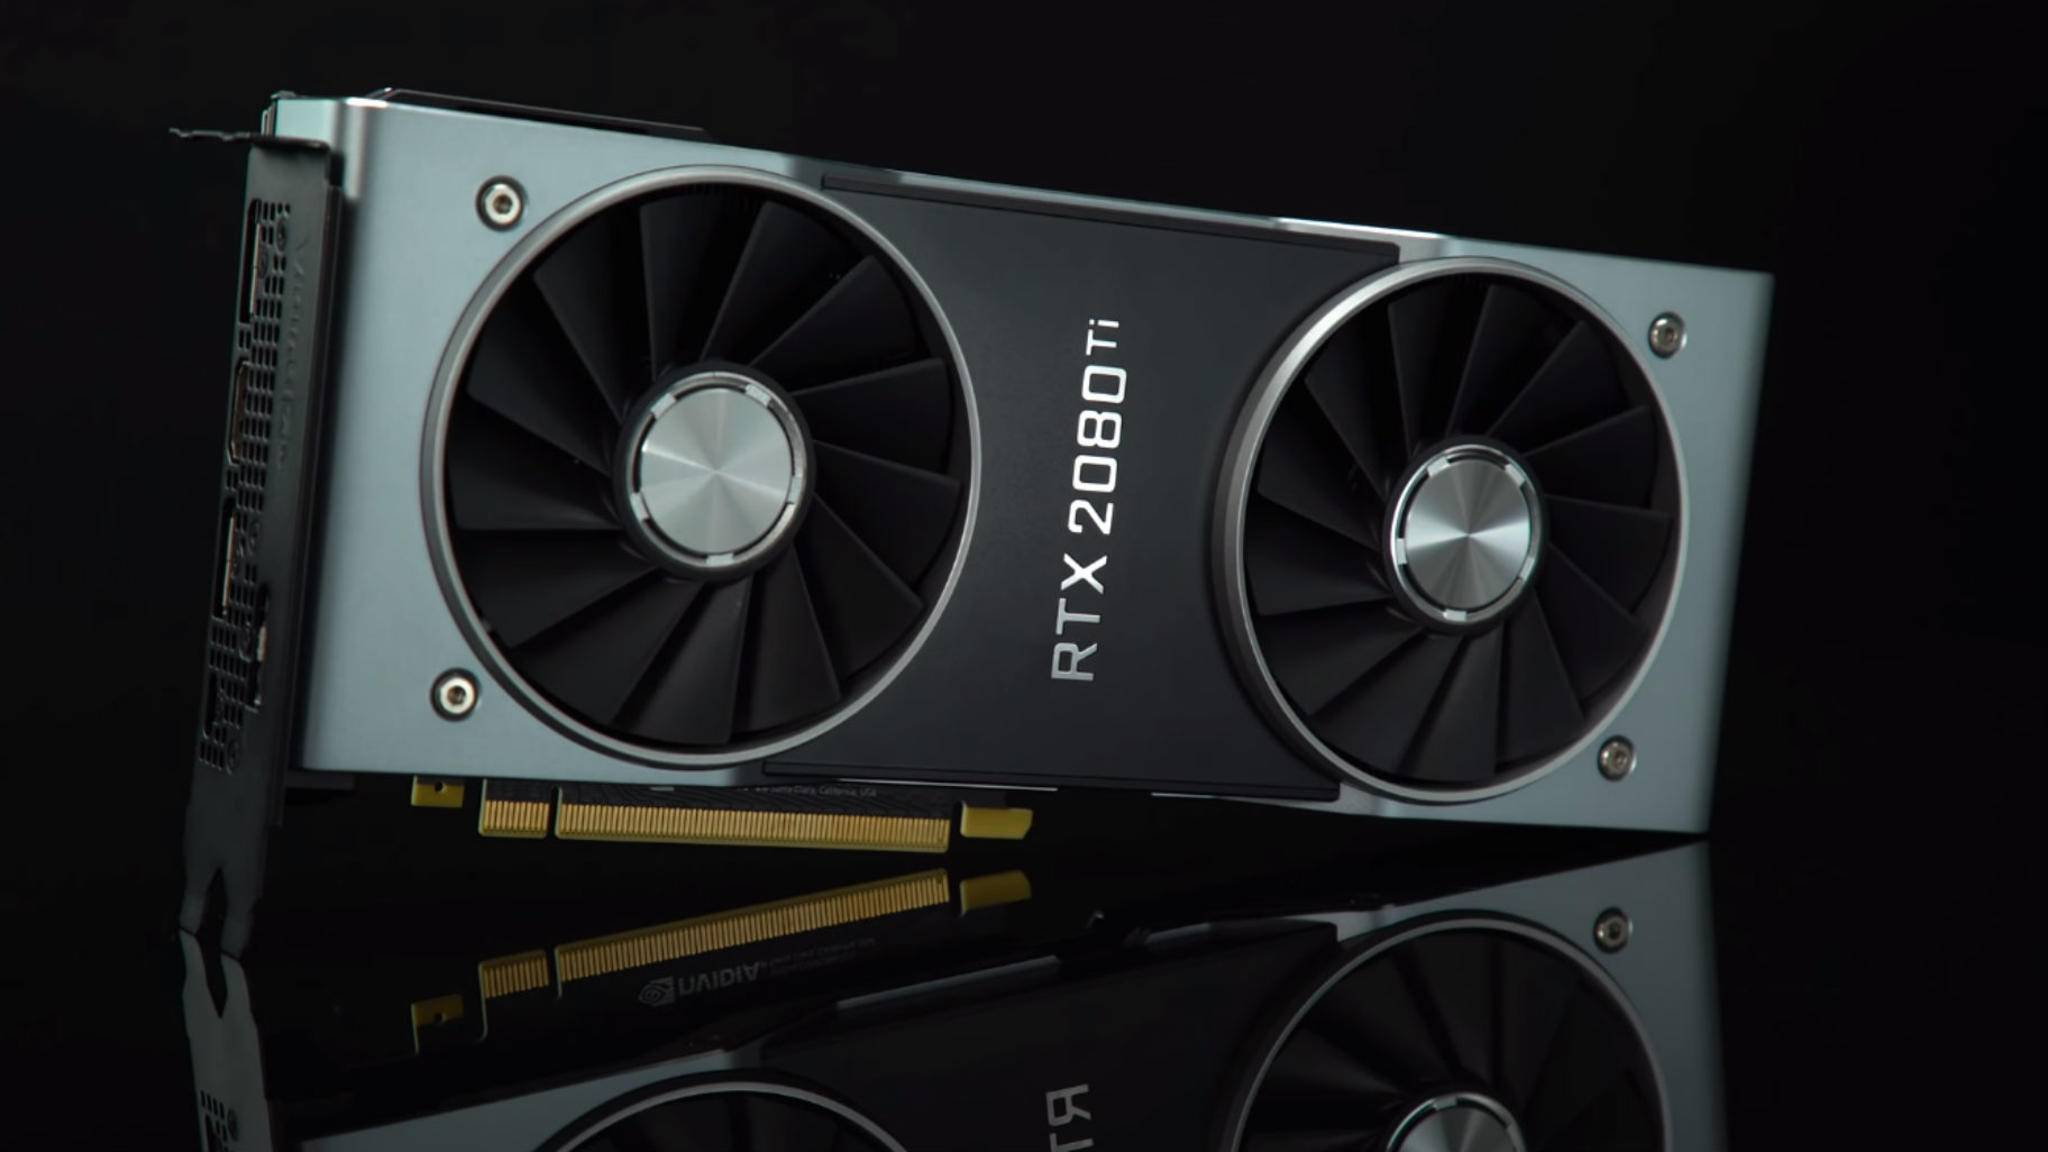 Die Nvidia RTX 2080 Ti rechnet deutlich schneller als die GTX 1080 Ti.